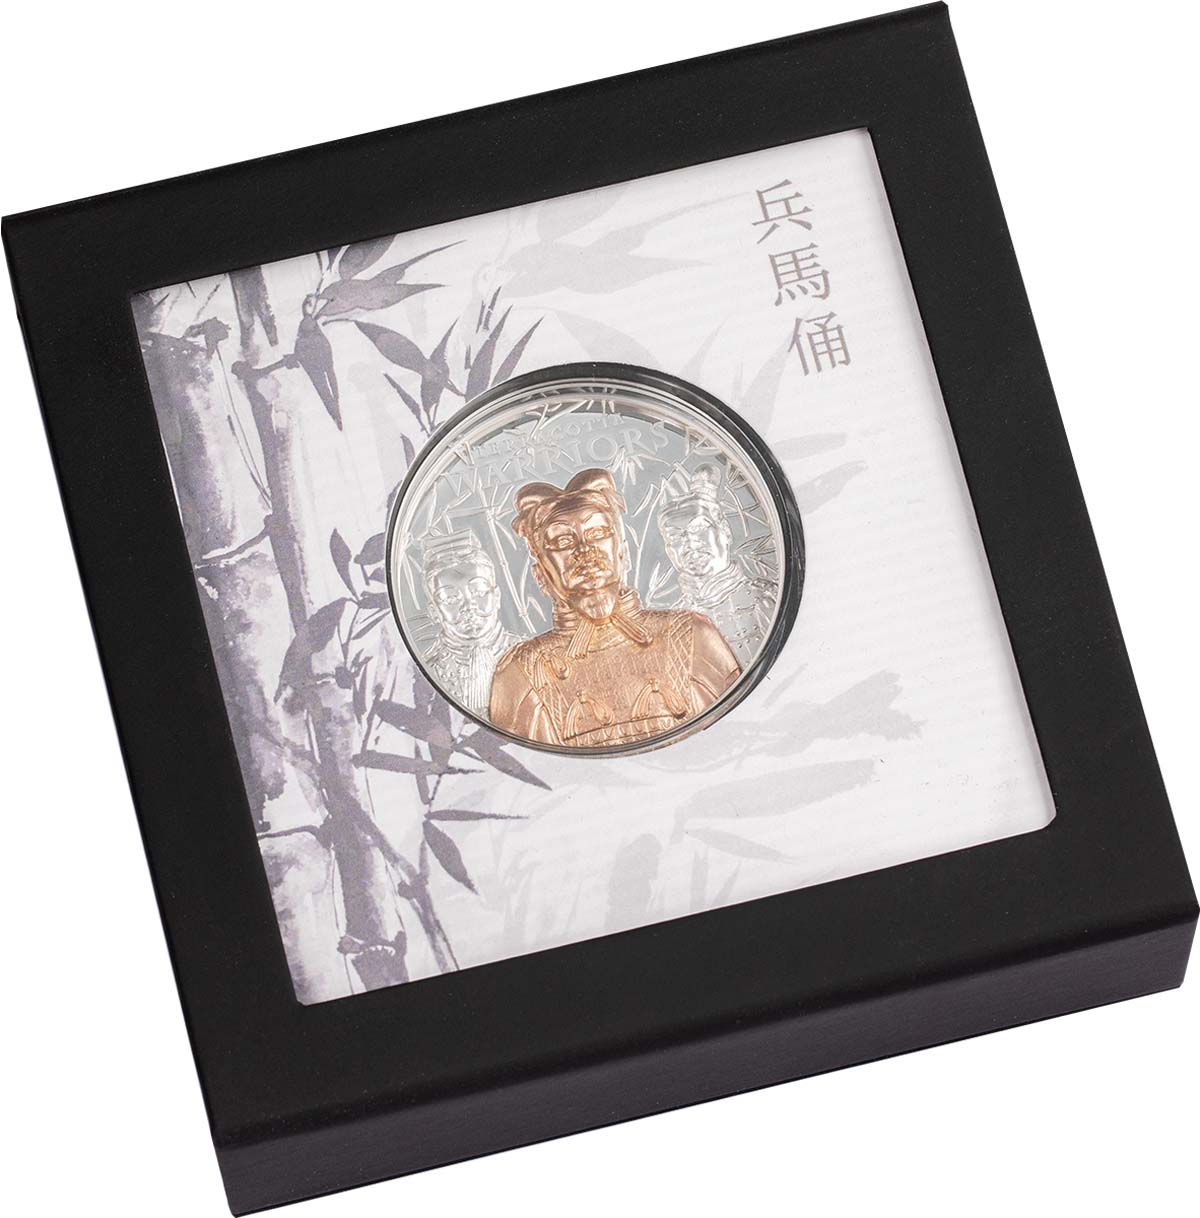 Острова Кука монета 20 долларов Терракотовая армия, подарочная упаковка